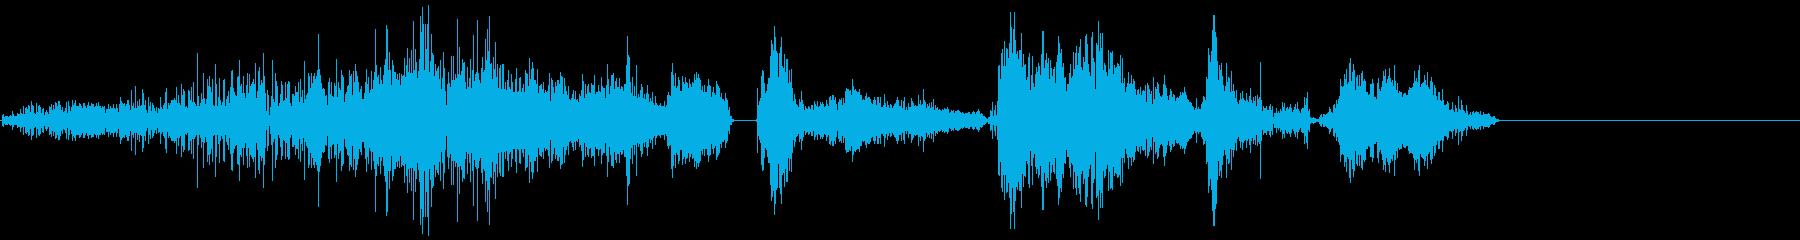 legの呼吸1の再生済みの波形